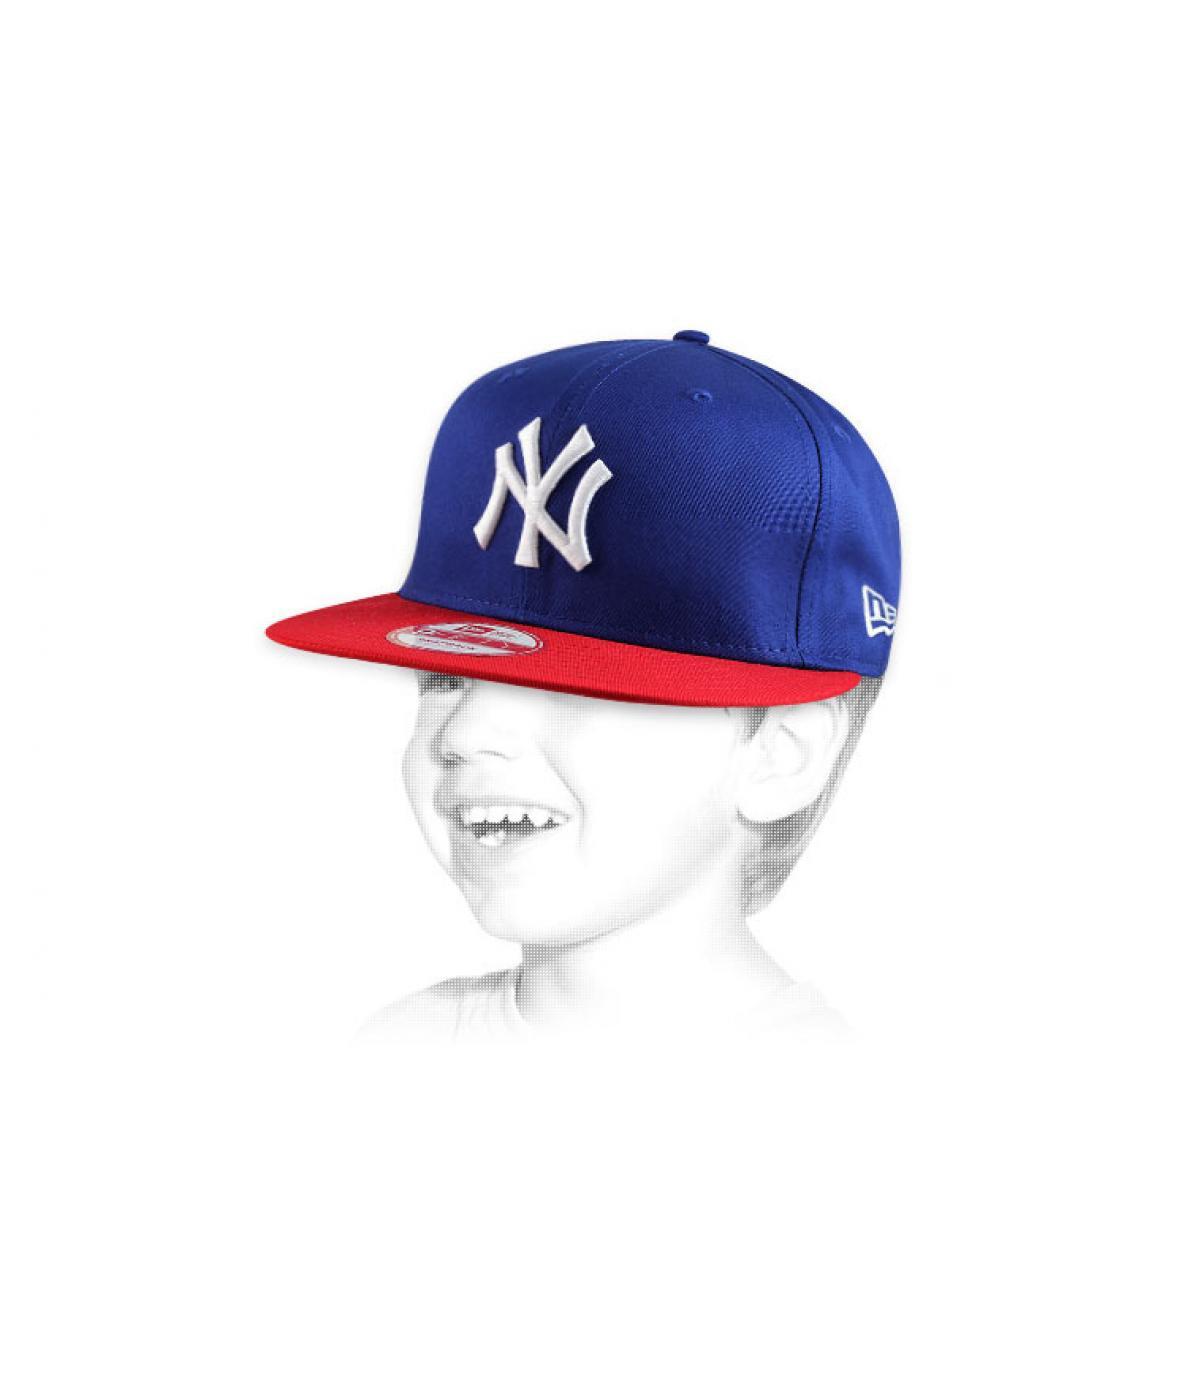 Détails Snapback ny bleue rouge enfant - image 4